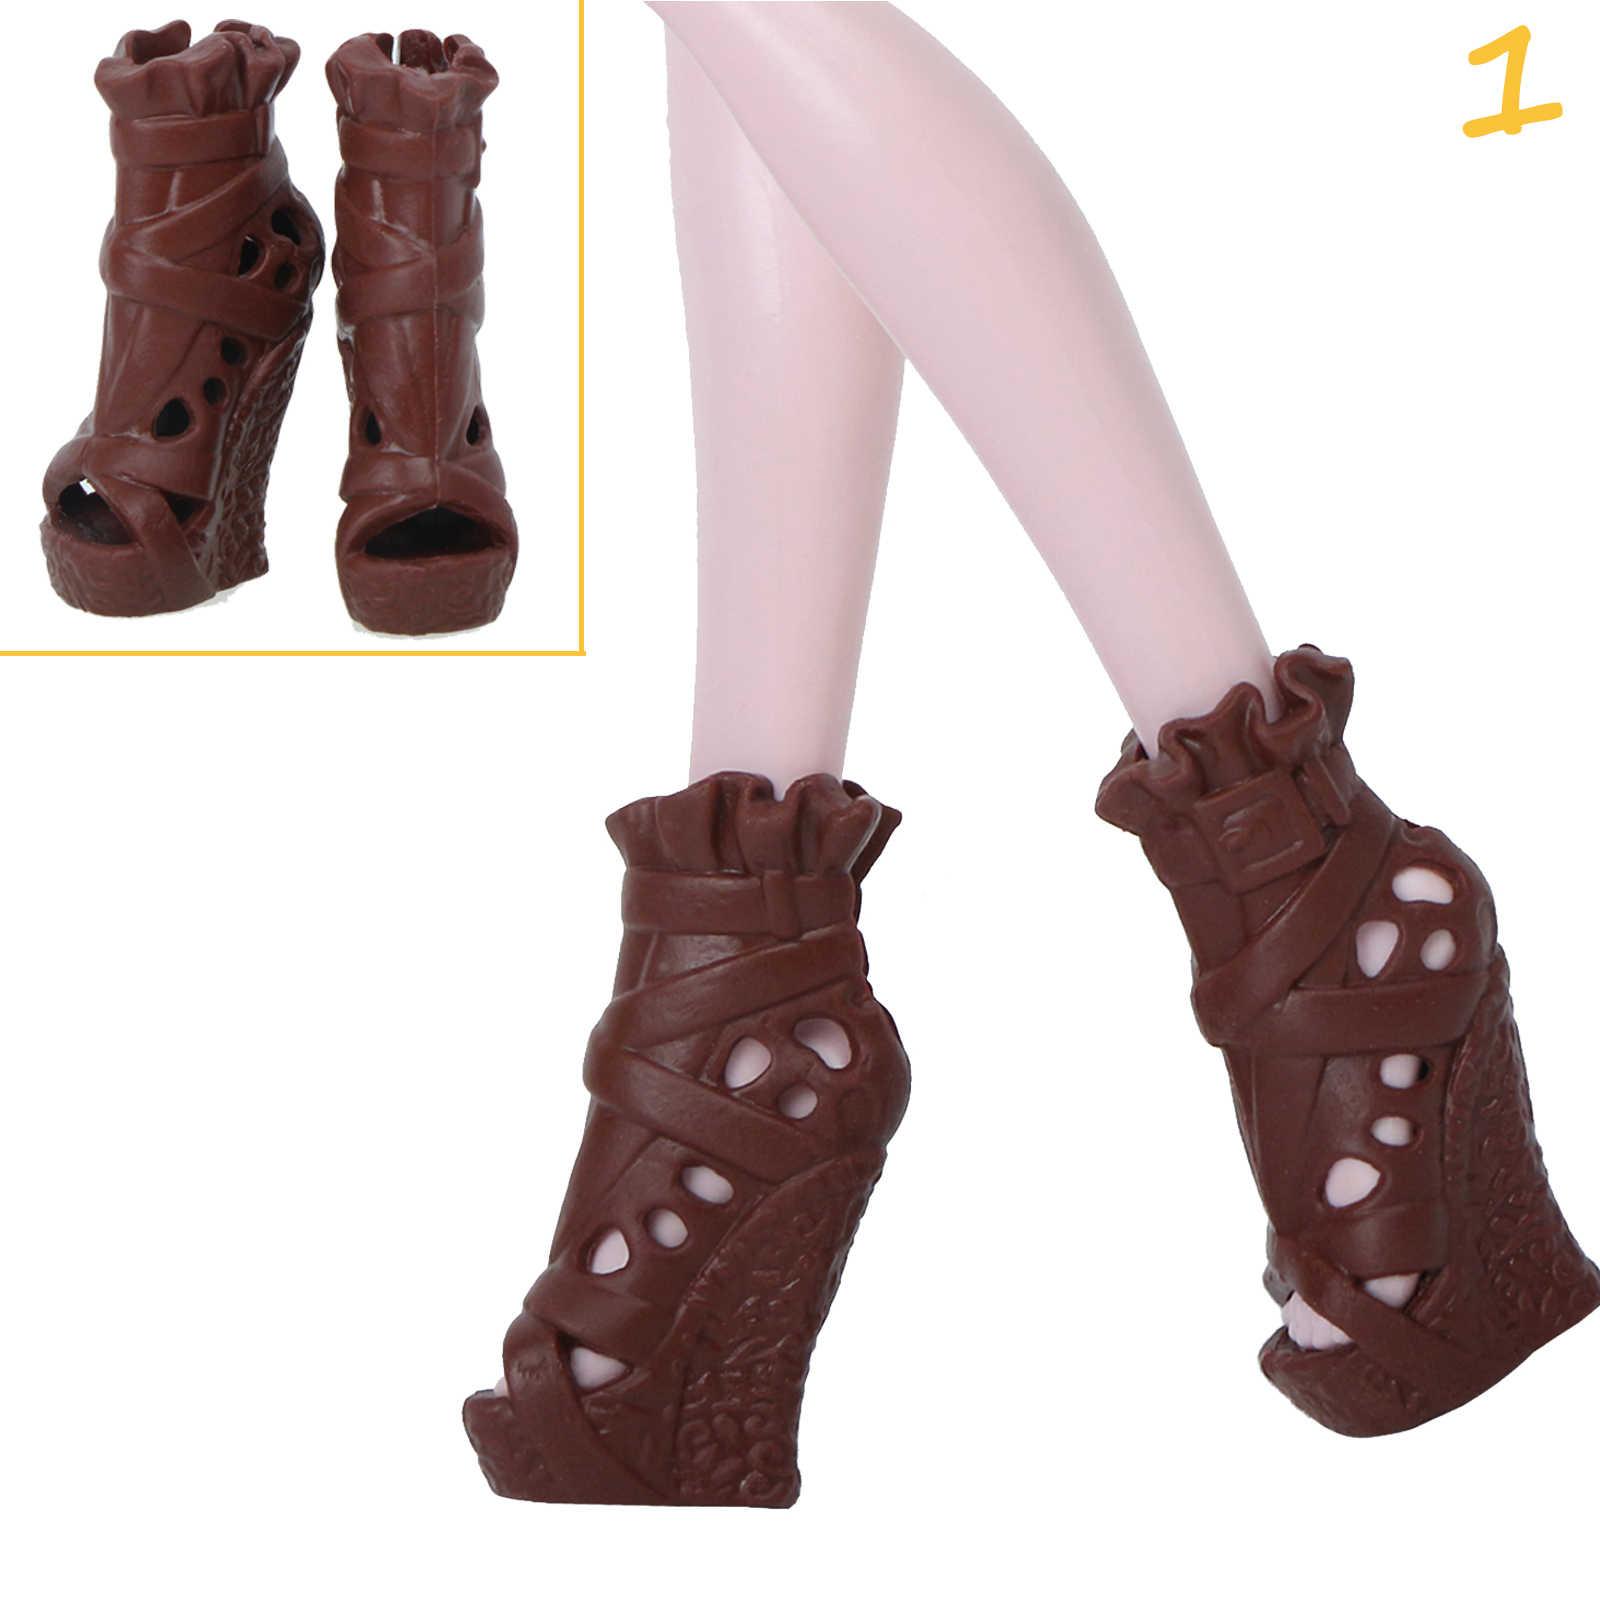 1 çift/5 Pairs moda ayakkabılar Çizmeler Sandalet Yüksek Topuklu Elbise Giysi Aksesuarları için Canavar Yüksek Bebek 10 inç oyuncak bebekler